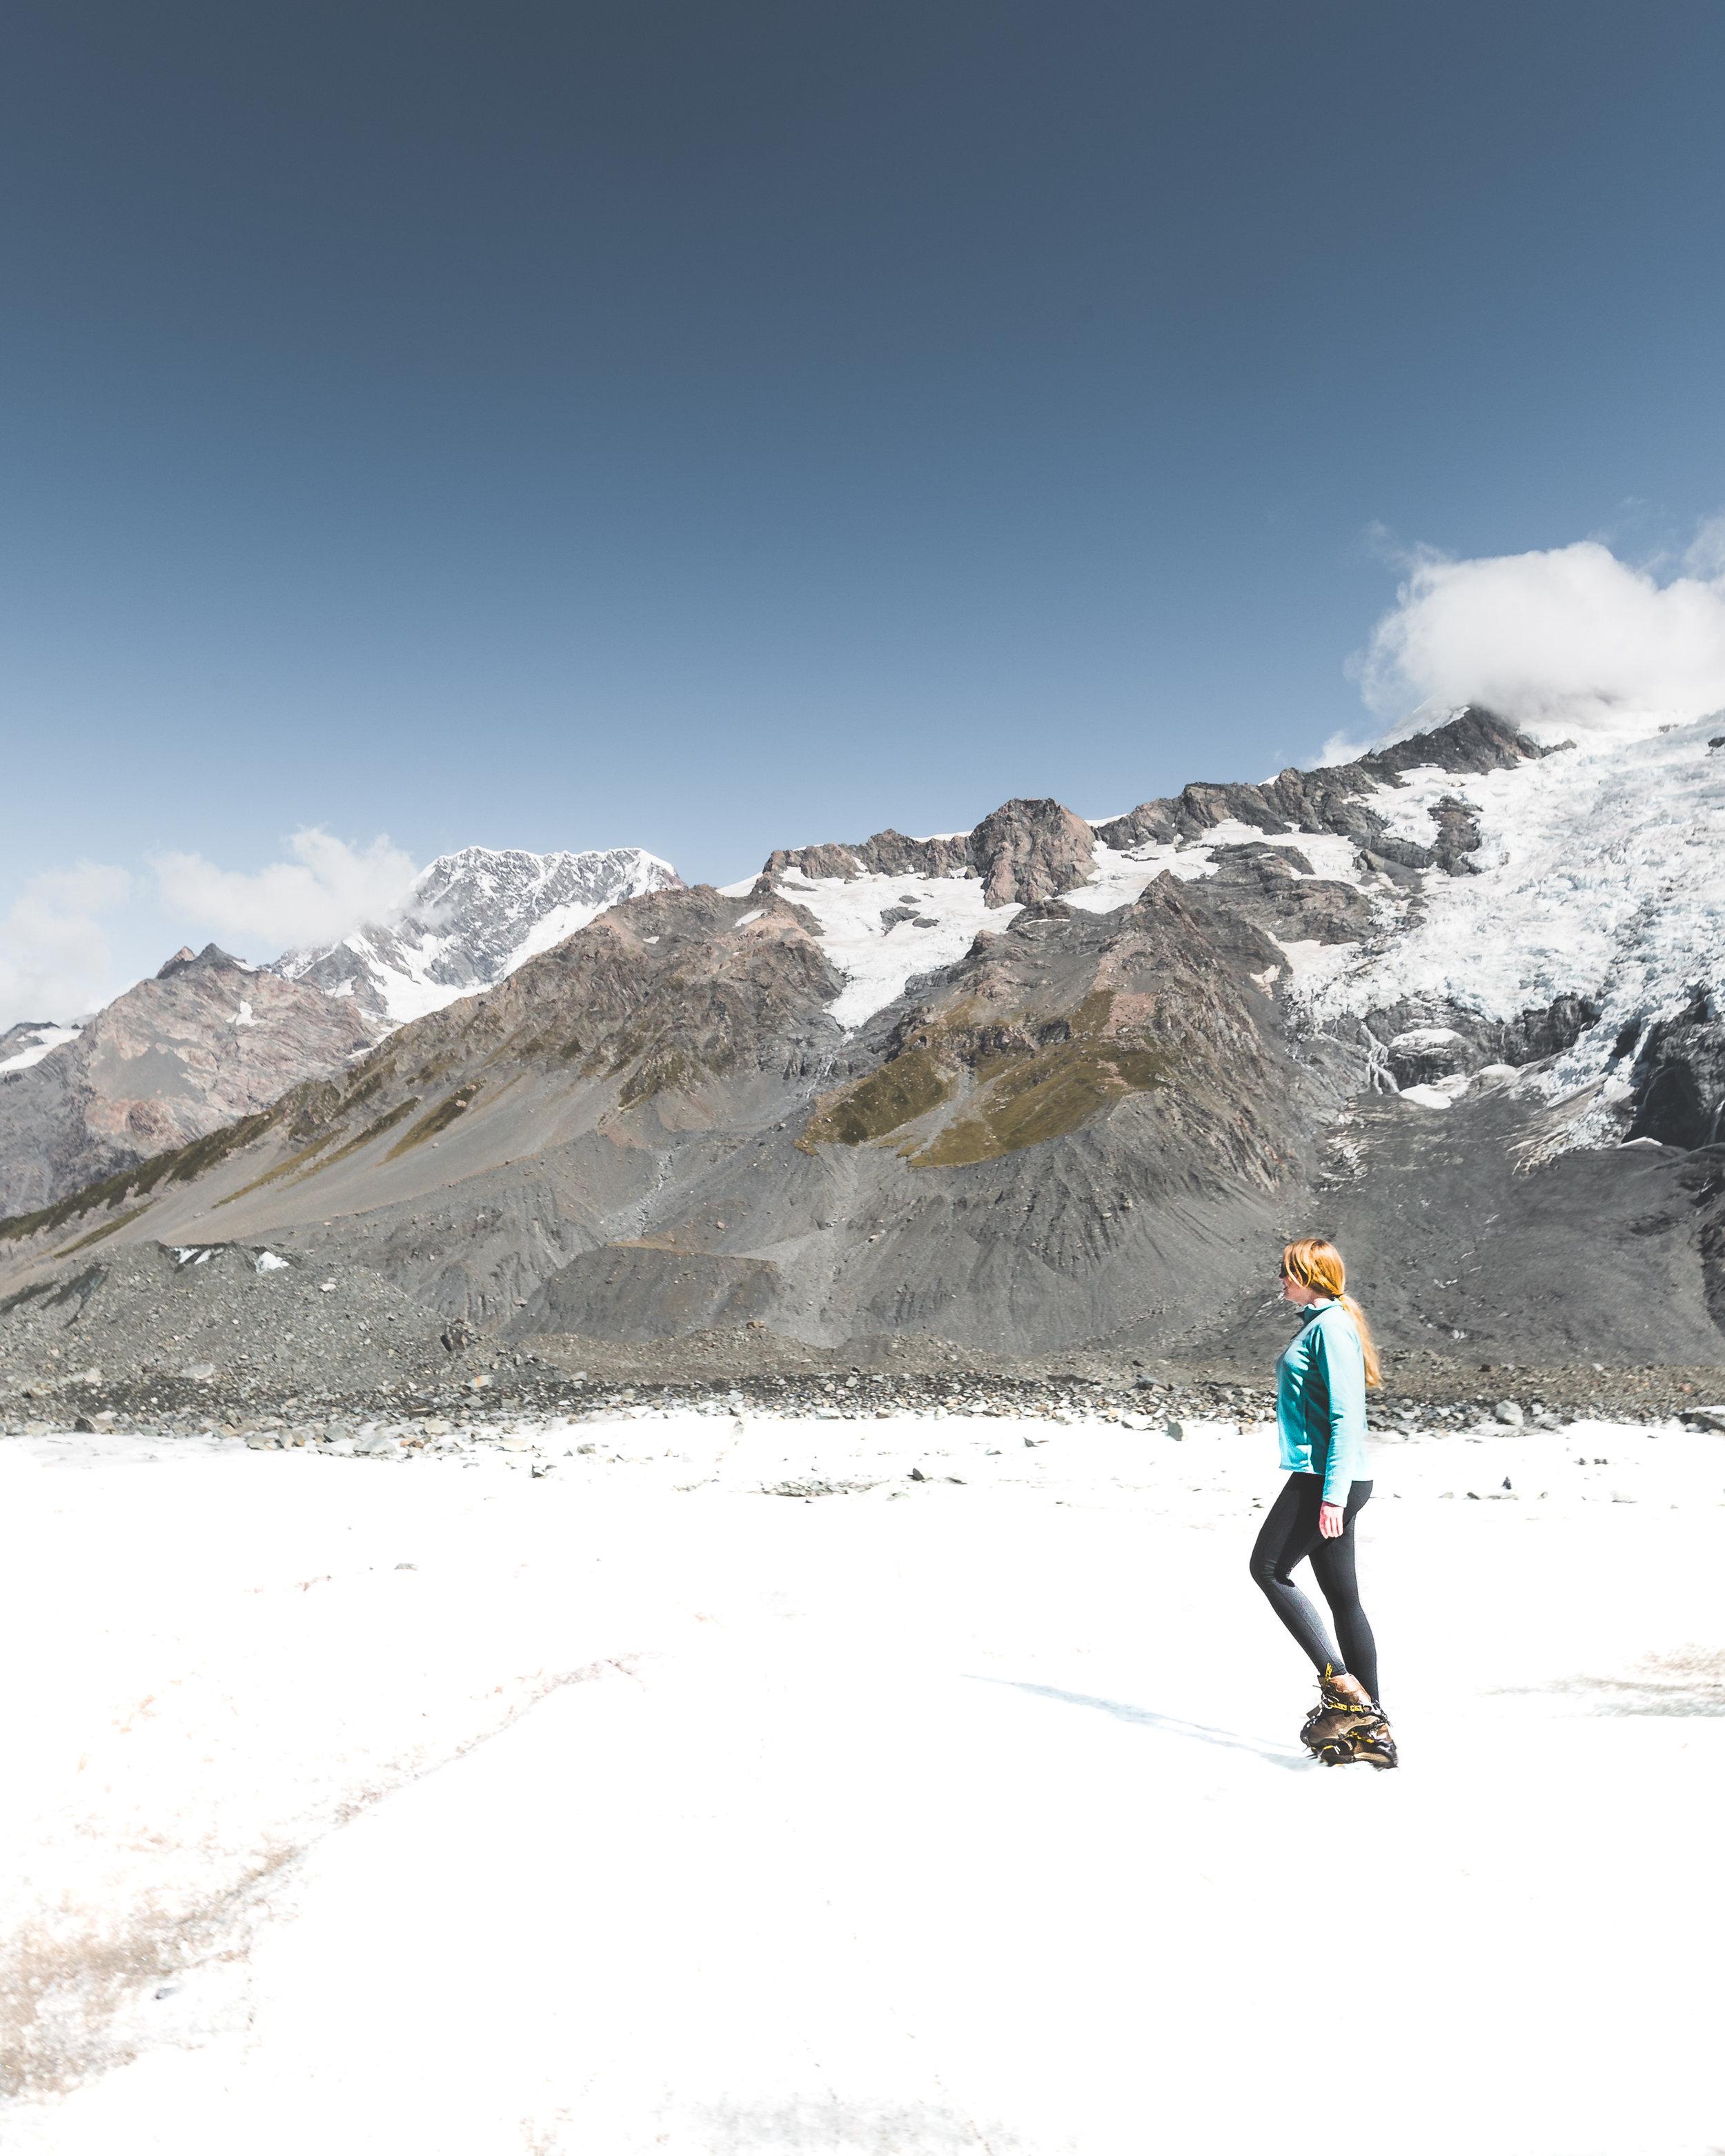 Instagrammable spots of New Zealand: Tasman Glacier, Mount Cook